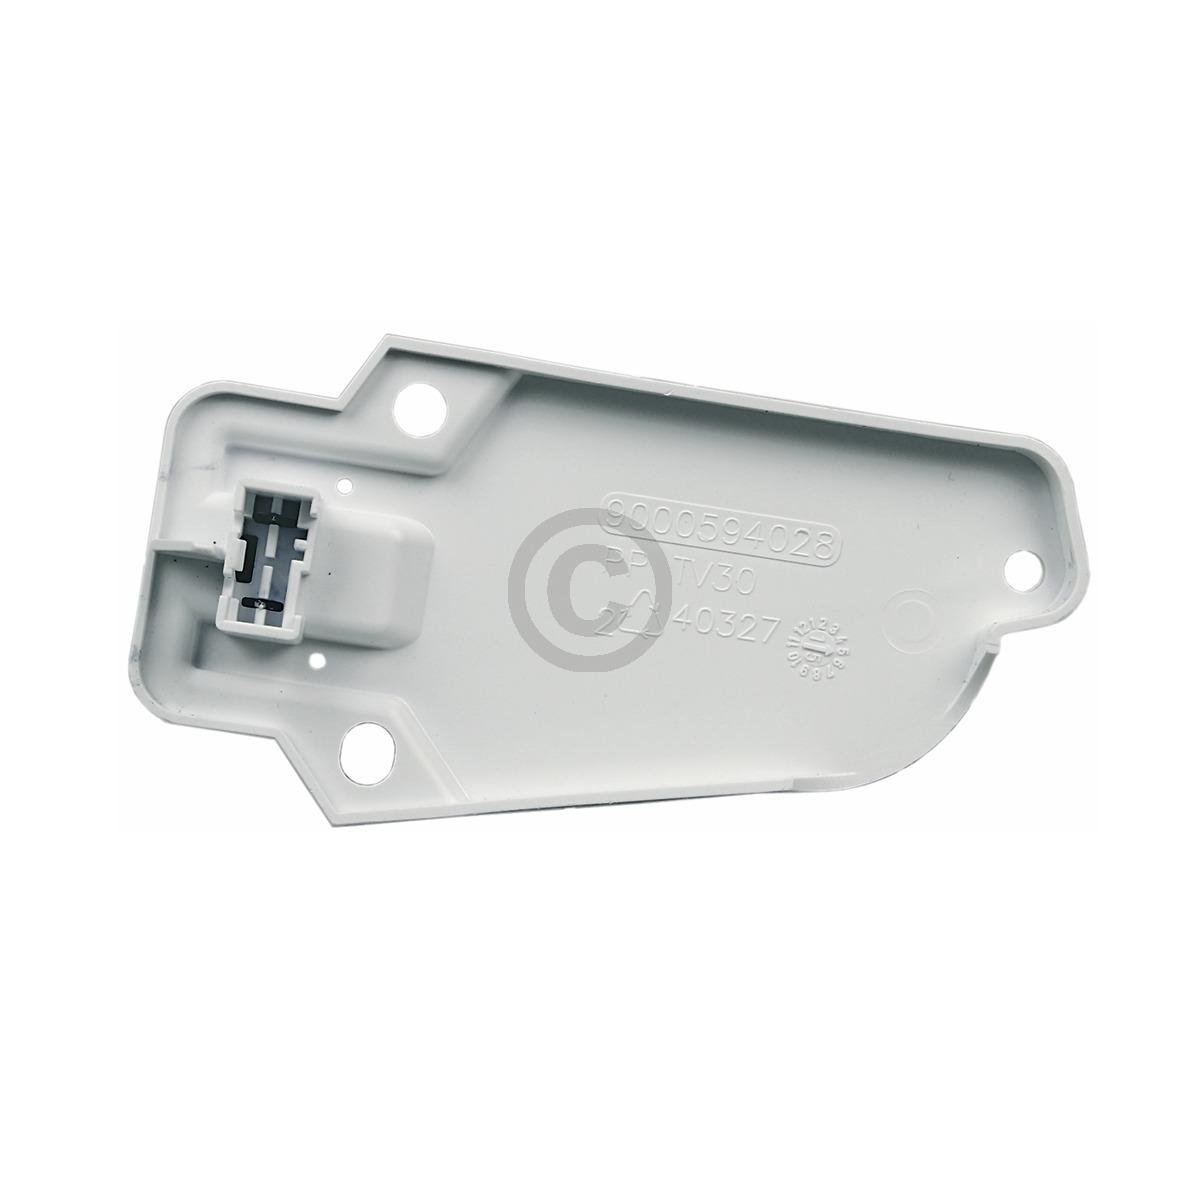 Sensor an Kondenswasserpumpe Bosch Siemens 00622557 für Trockner